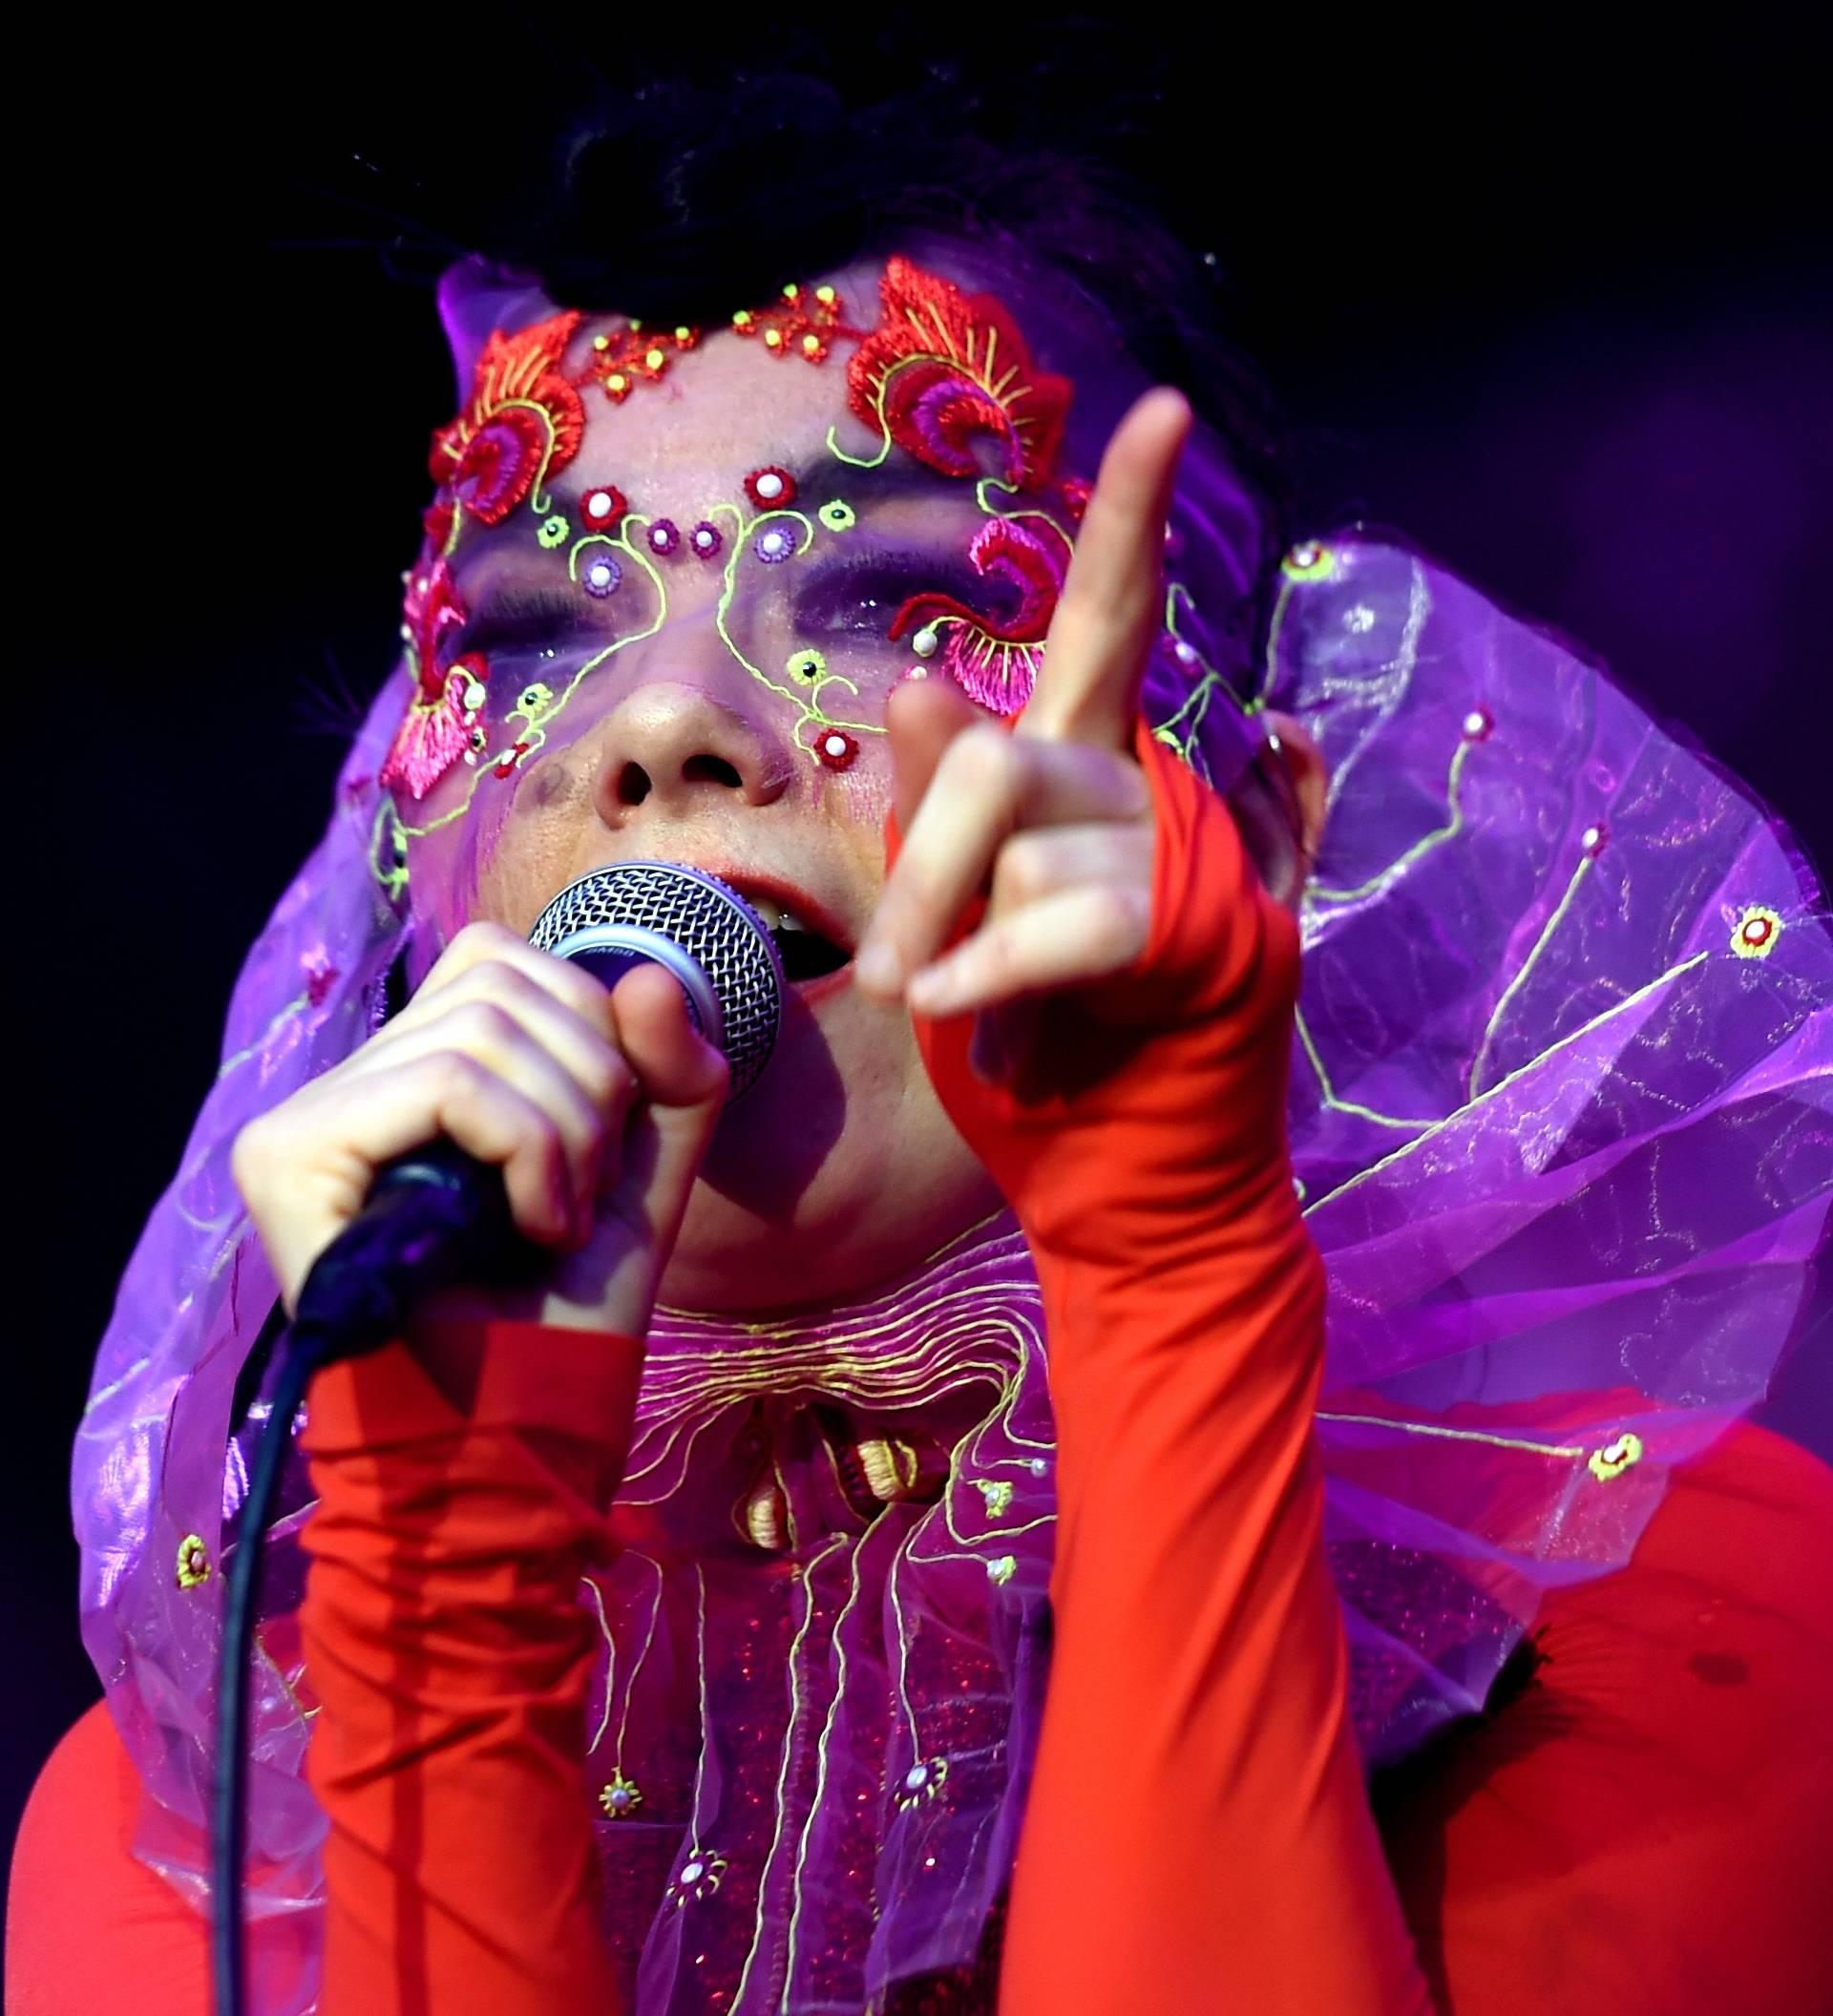 Björk concert in Berlin